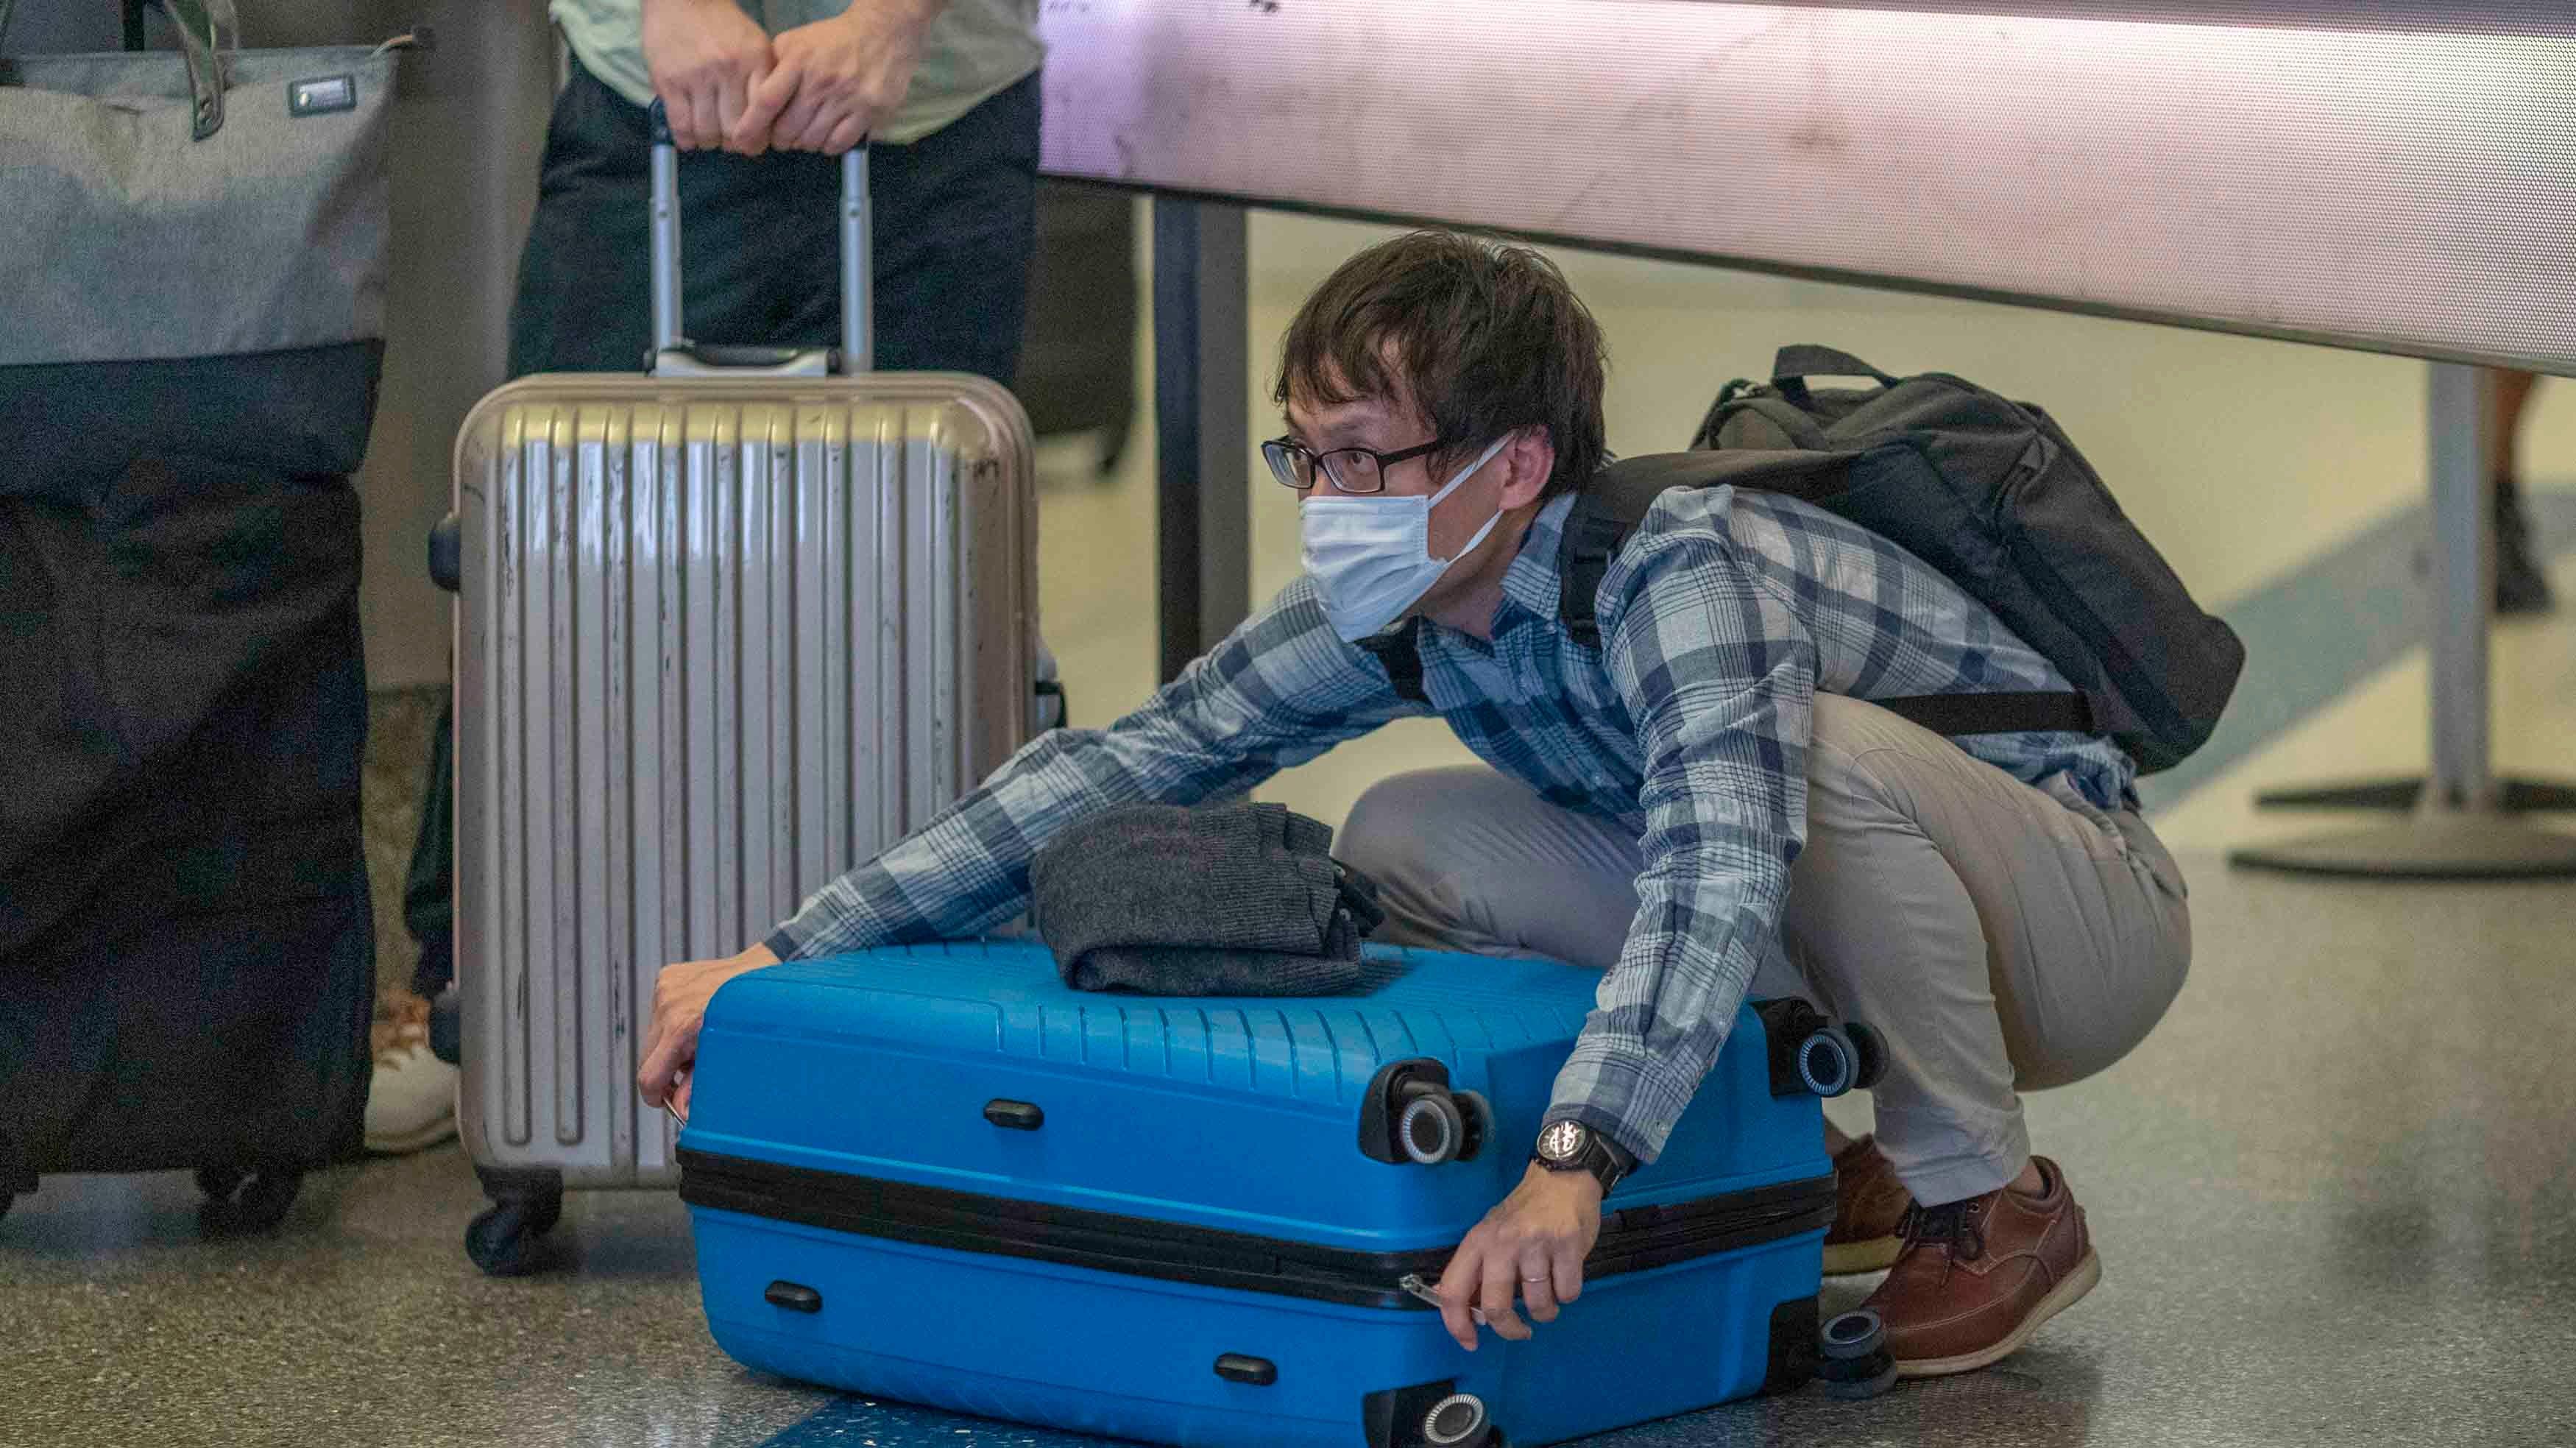 Coronavirus and Flu: Will Air Travel Make You Sick?